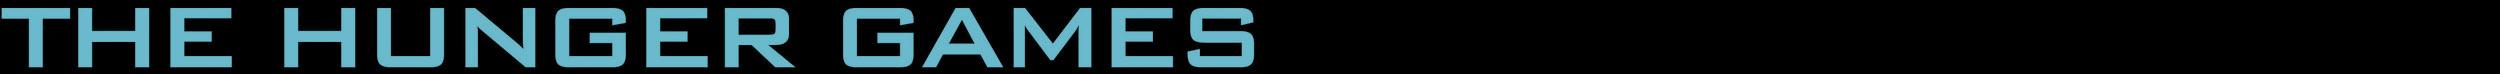 hungergames_logo.jpg